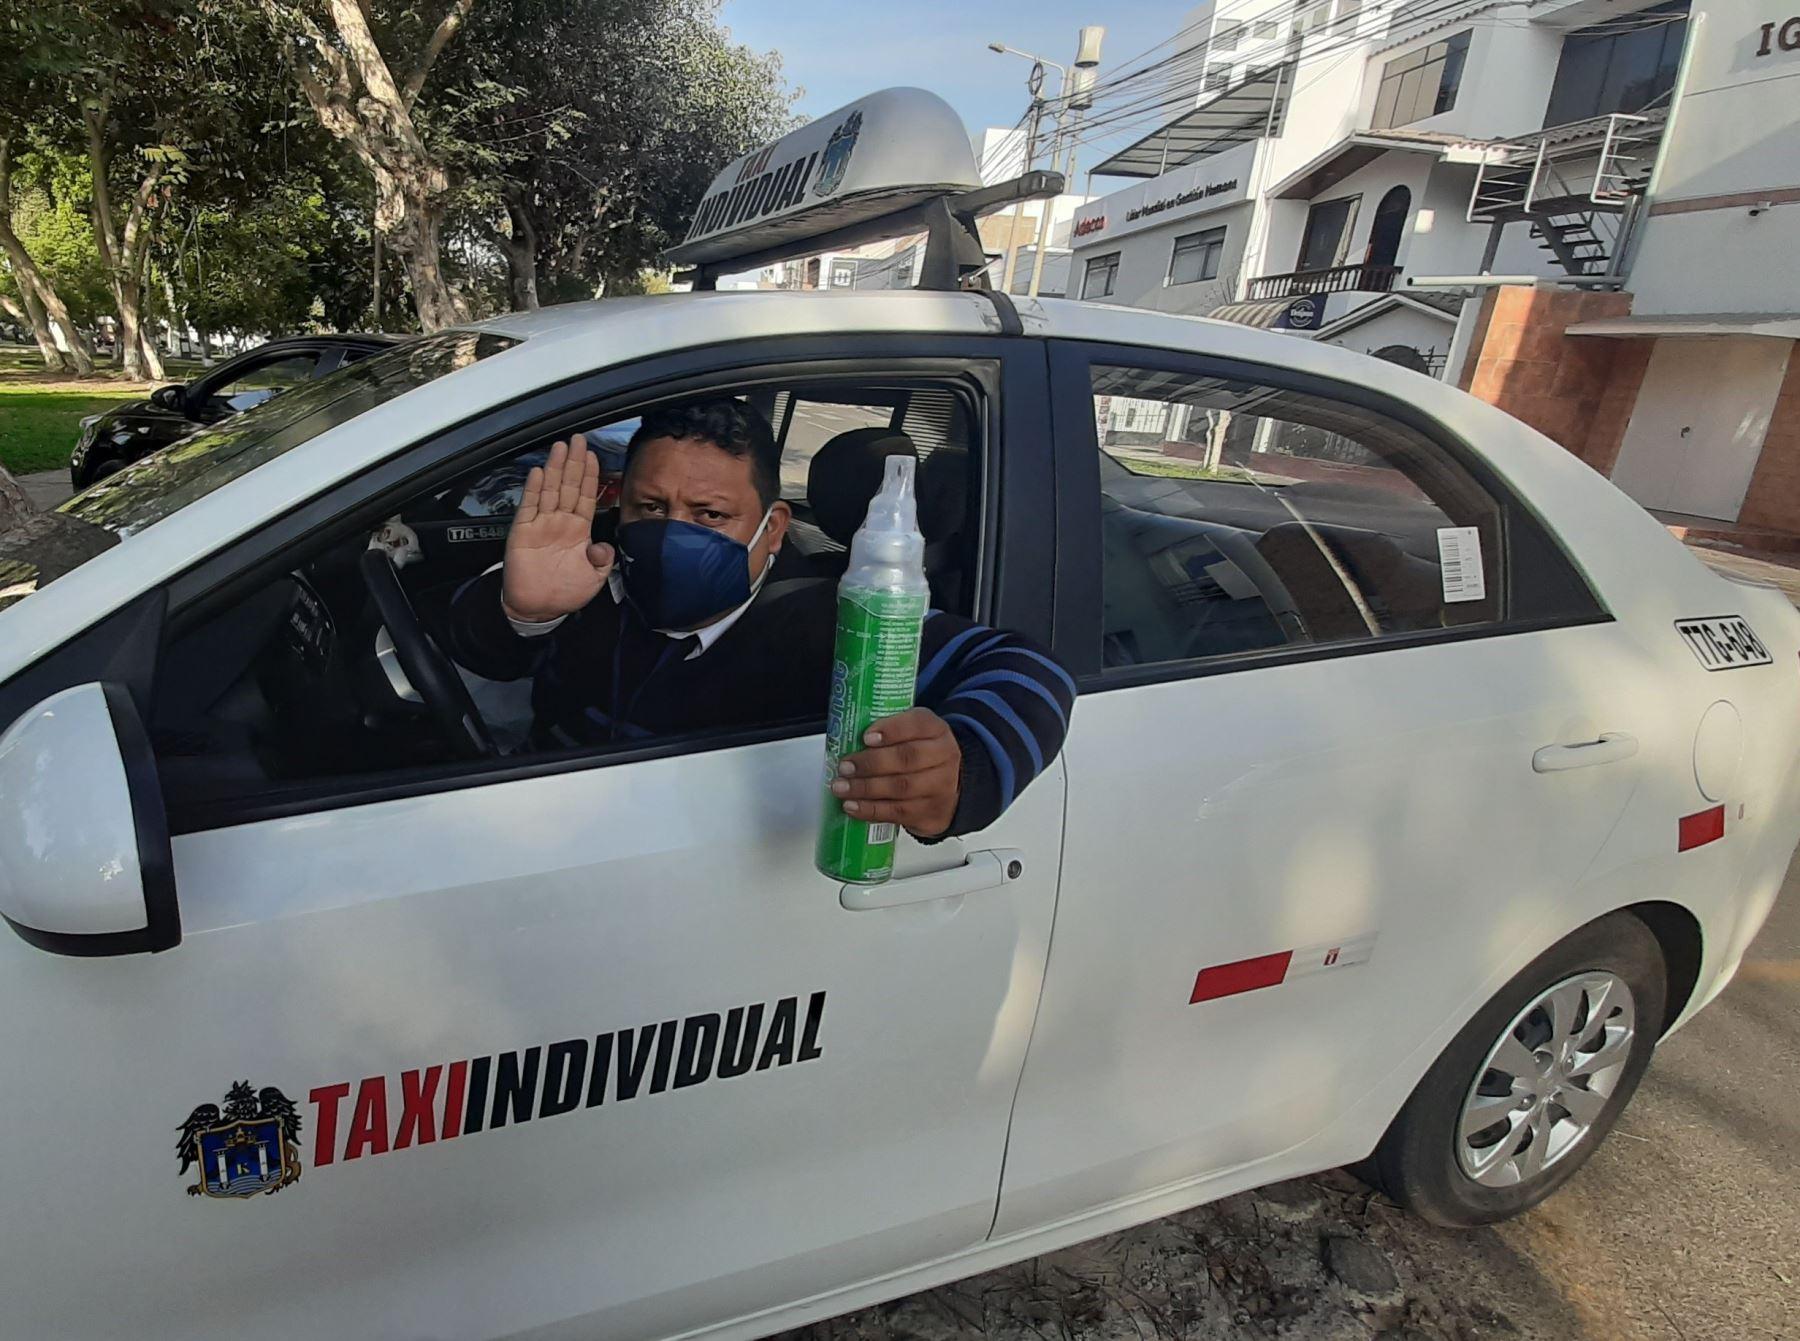 Conoce a Amir Cotrina, el taxista trujillano que lleva un balón de oxígeno en su auto para auxiliar a los pasajeros víctimas del covid-19. Foto: Luis Puell